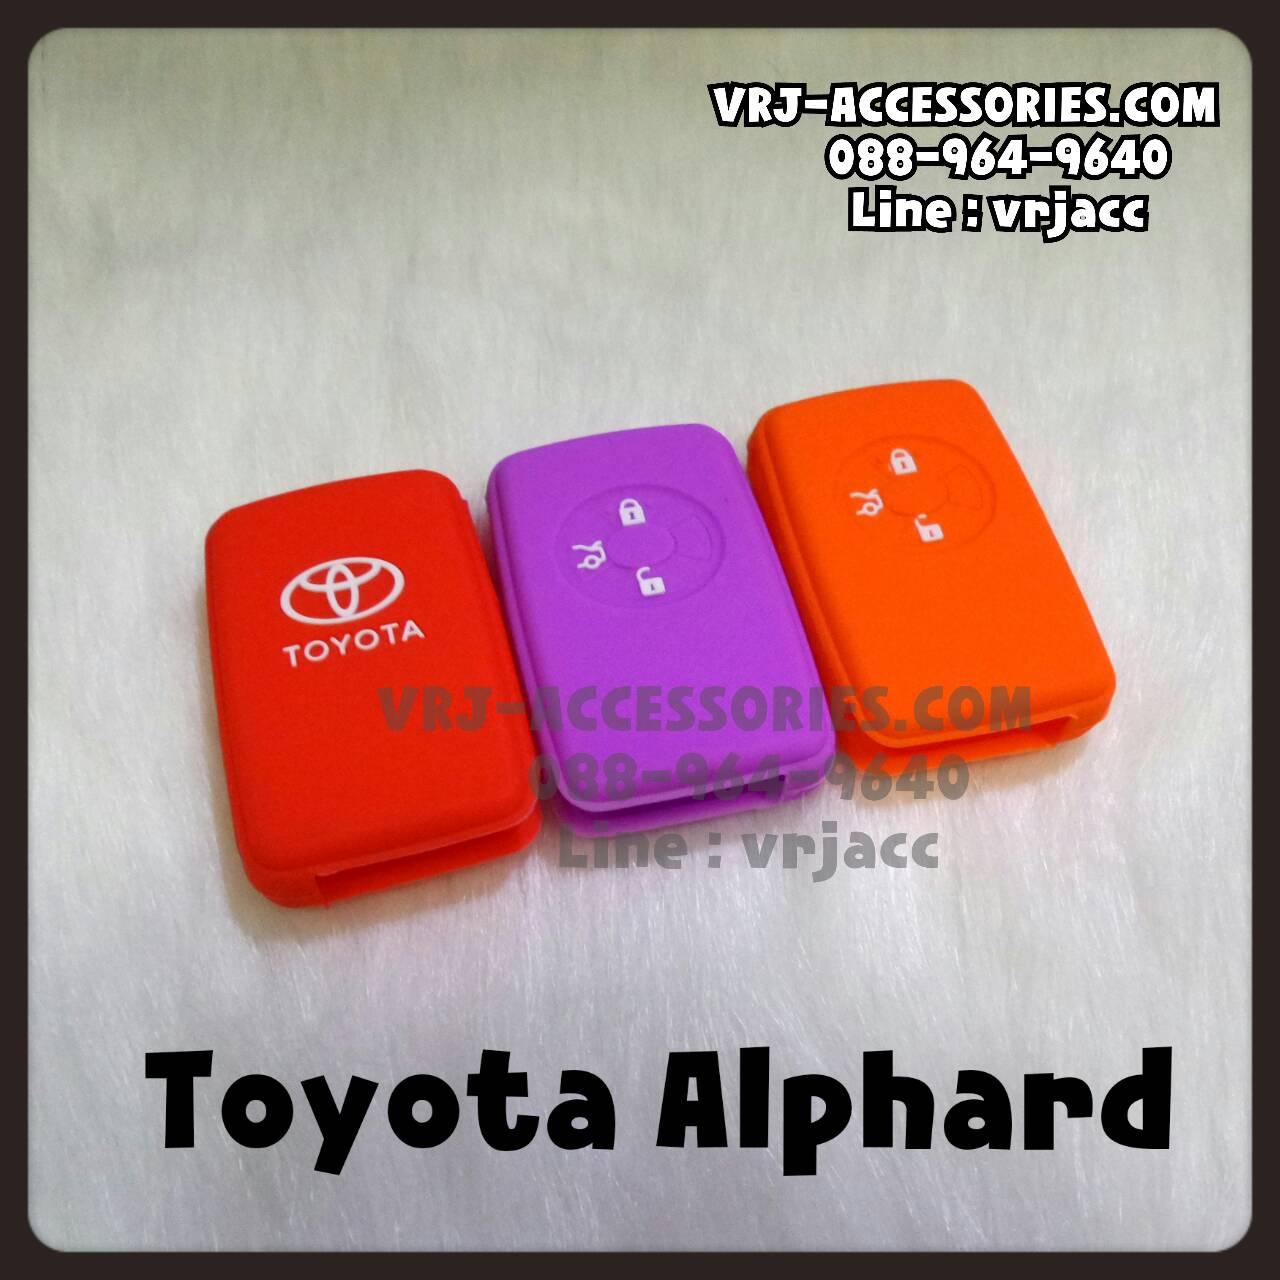 ซิลิโคน รีโมท ปลอกหุ้มกุญแจ สำหรับ โตโยต้า อัลพาร์ด : Silicone key cover for cars – TOYOTA Alphard